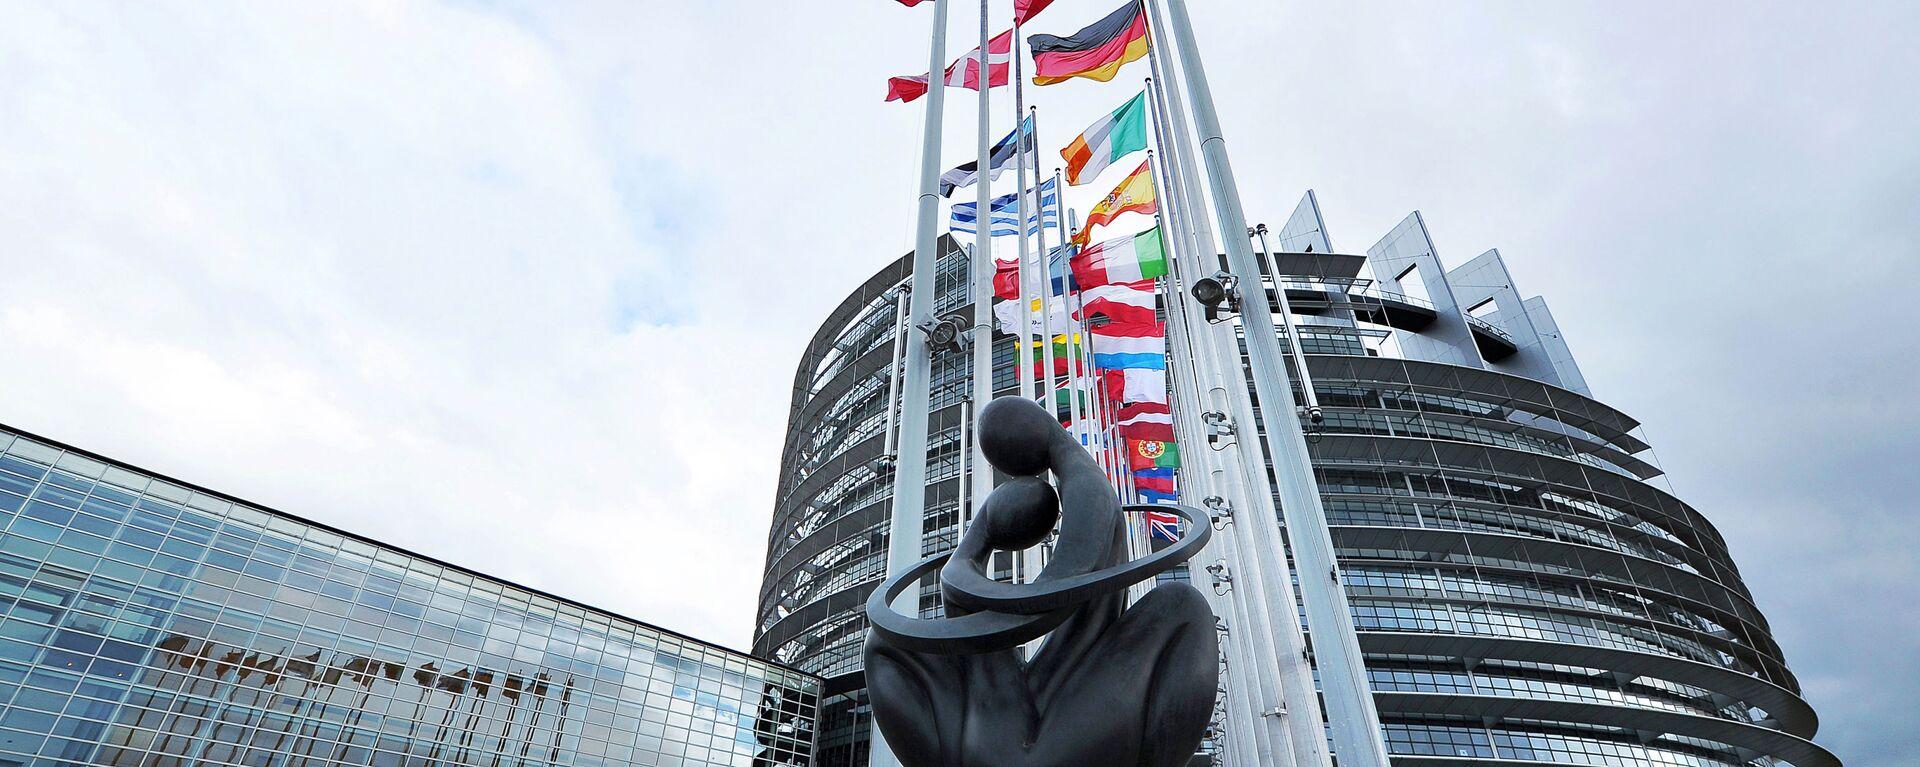 Socha Srdce Evropy u budovy Evropského parlamentu ve Štrasburku - Sputnik Česká republika, 1920, 29.04.2021